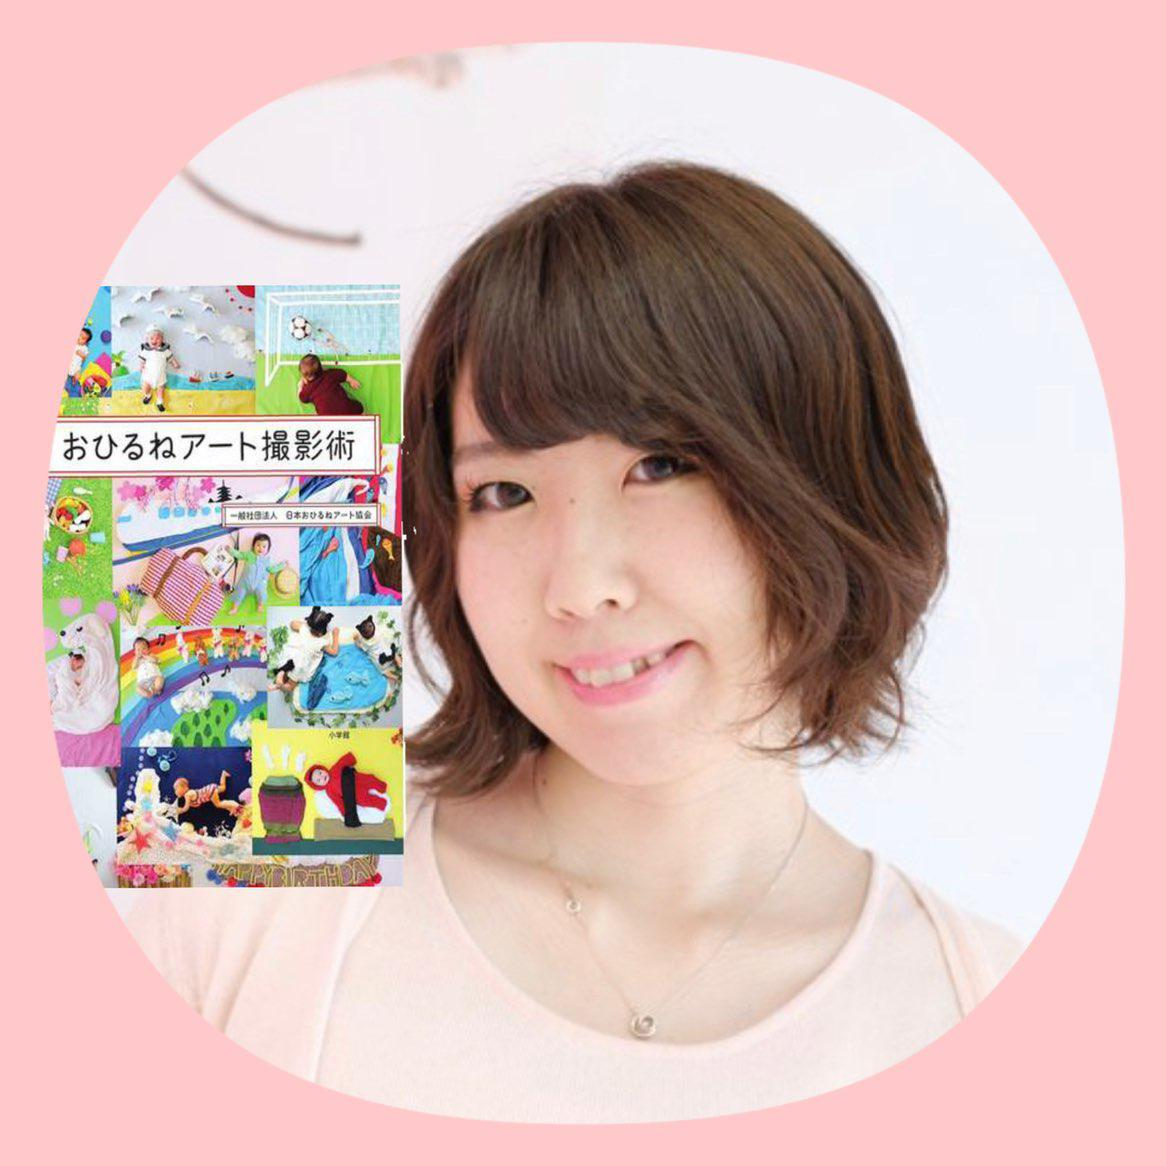 Minori Aoki Clubhouse